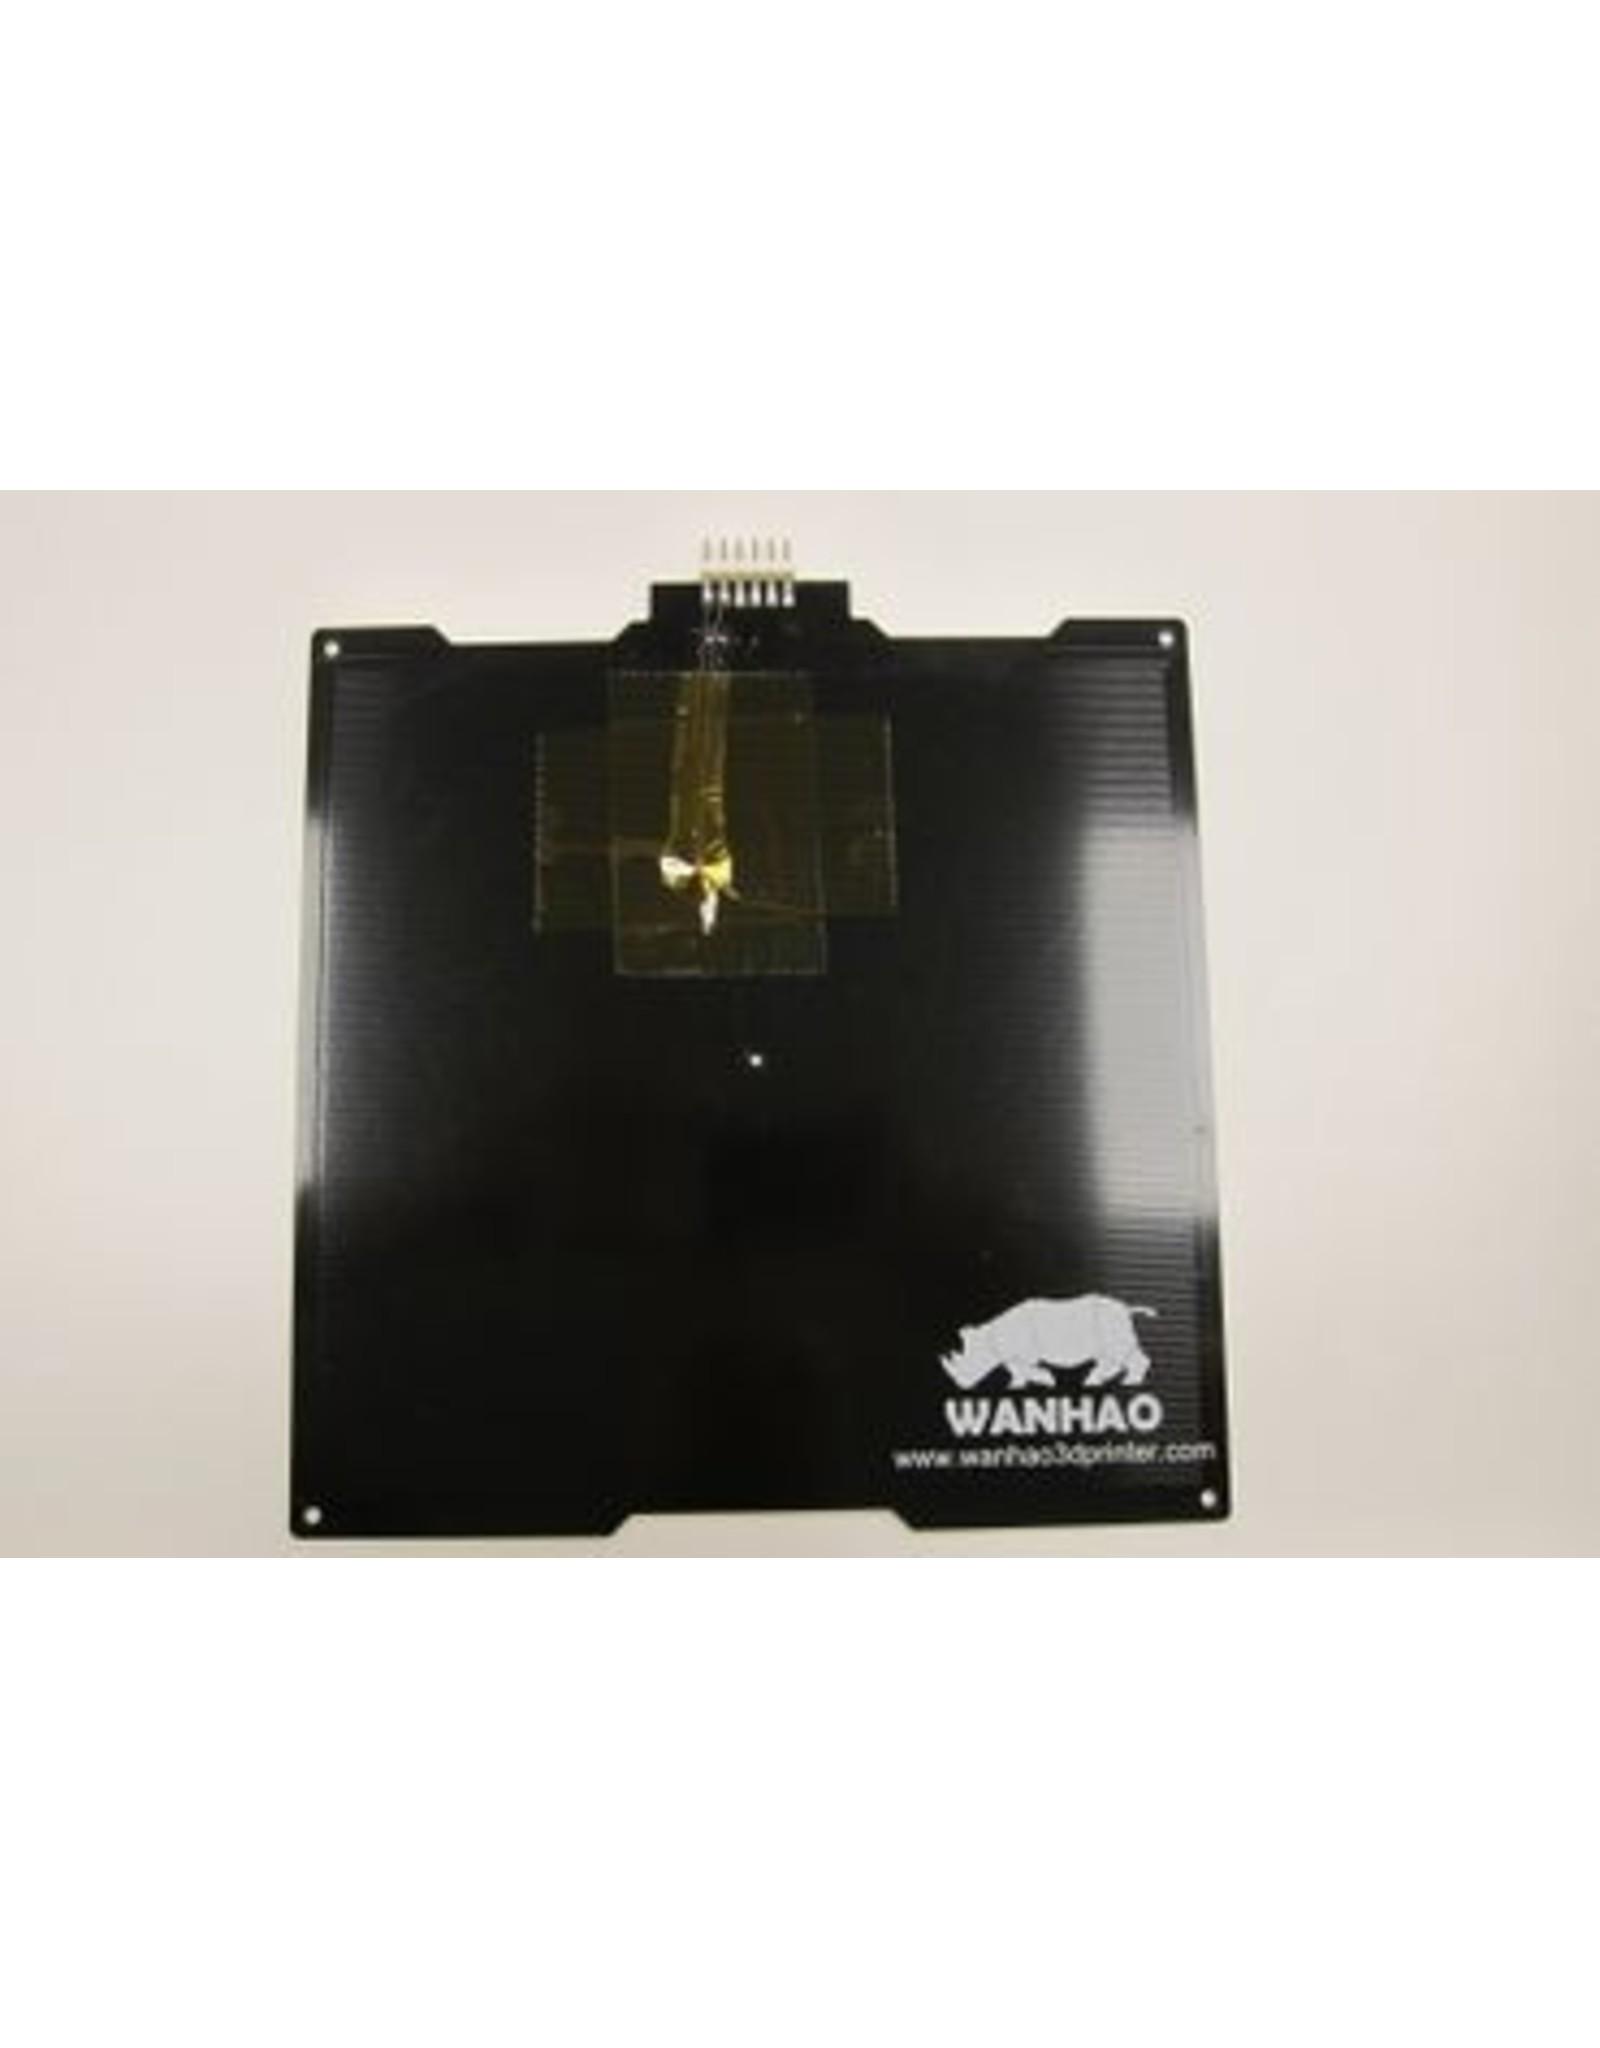 Wanhao Wanhao D6 Heated Build Plate V2